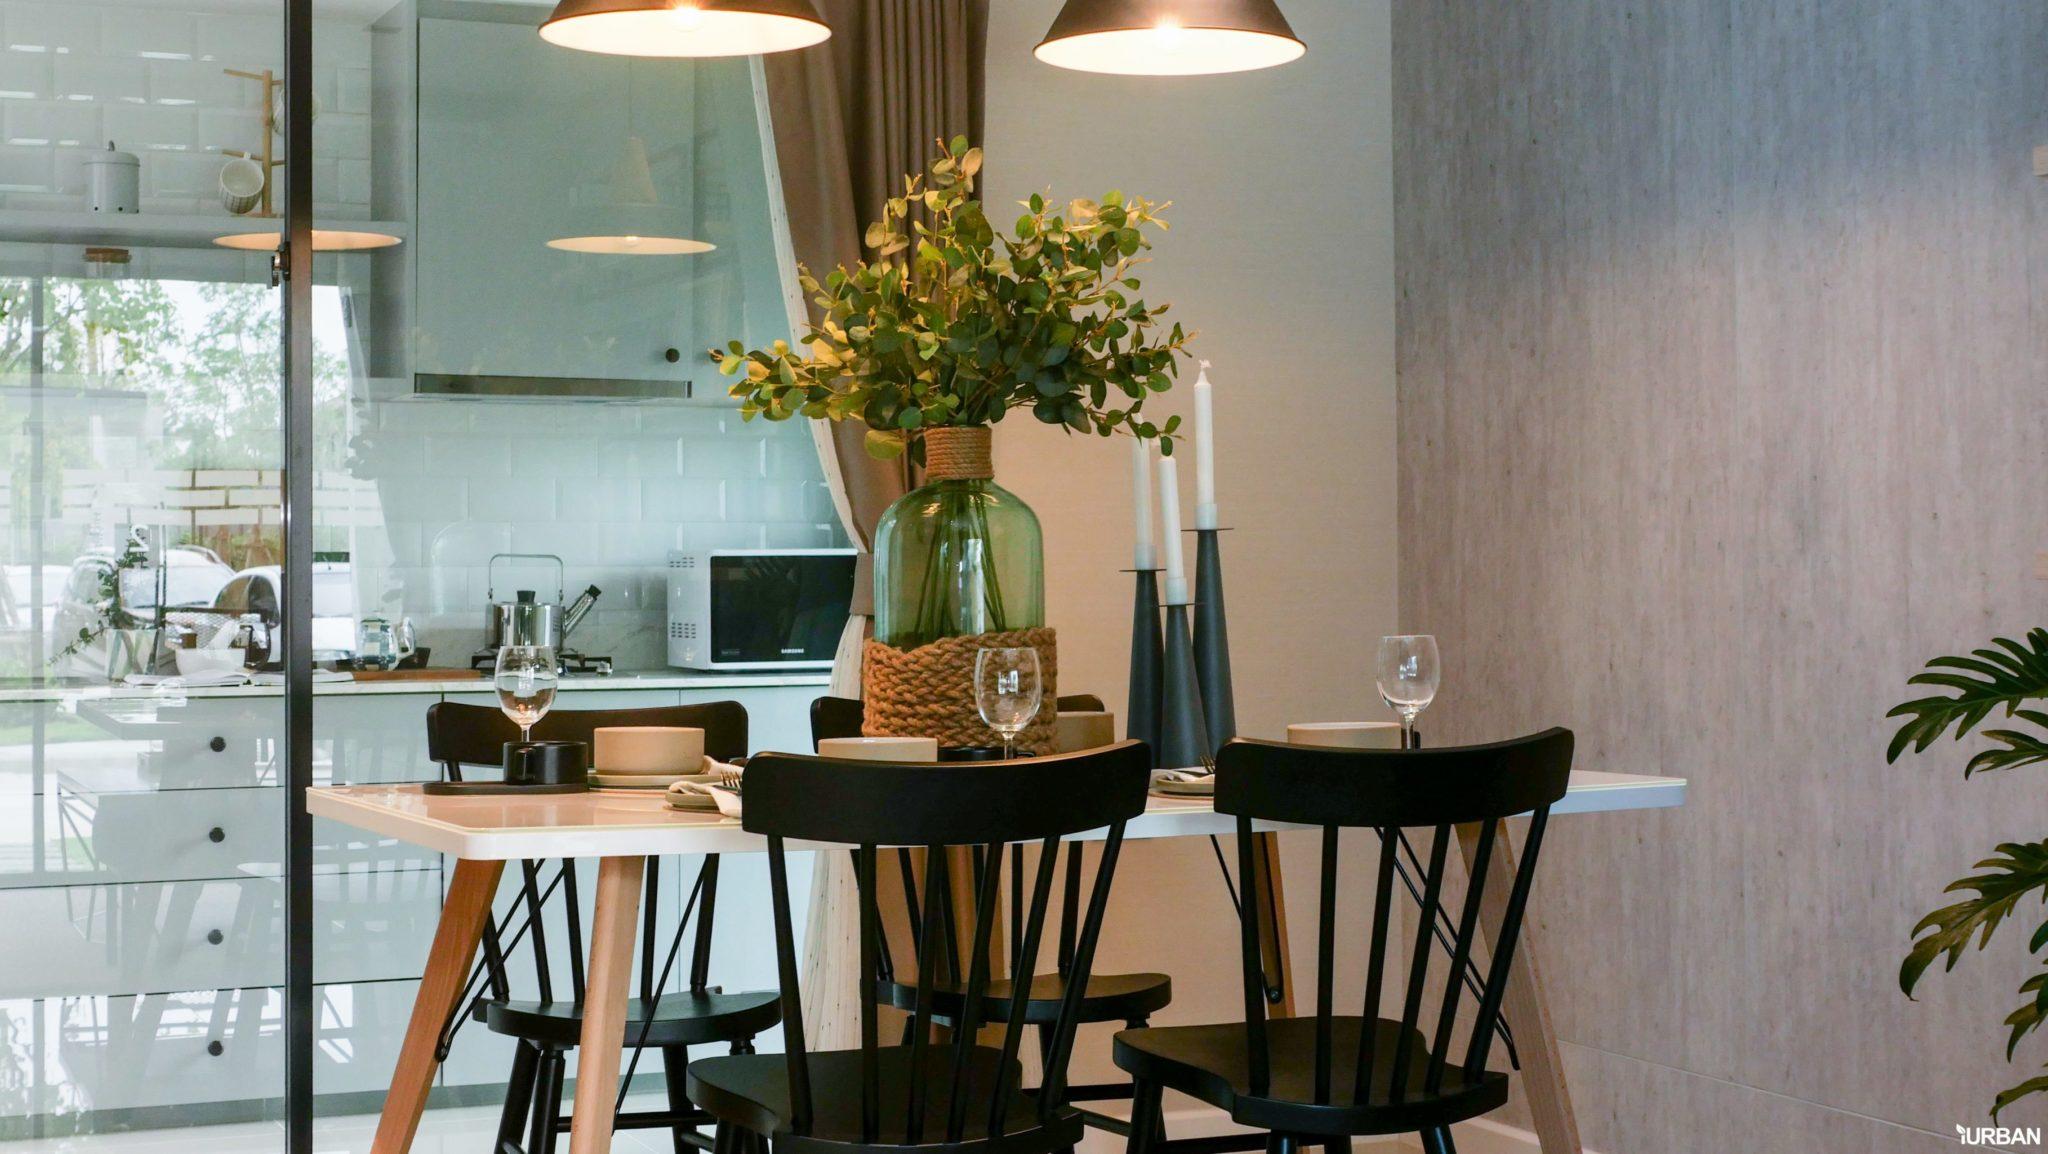 สิริ เพลส จรัญฯ-ปิ่นเกล้า ทาวน์โฮมแสนสิริสะท้อนทุกไลฟ์สไตล์ในแบบคุณ 35 - Premium